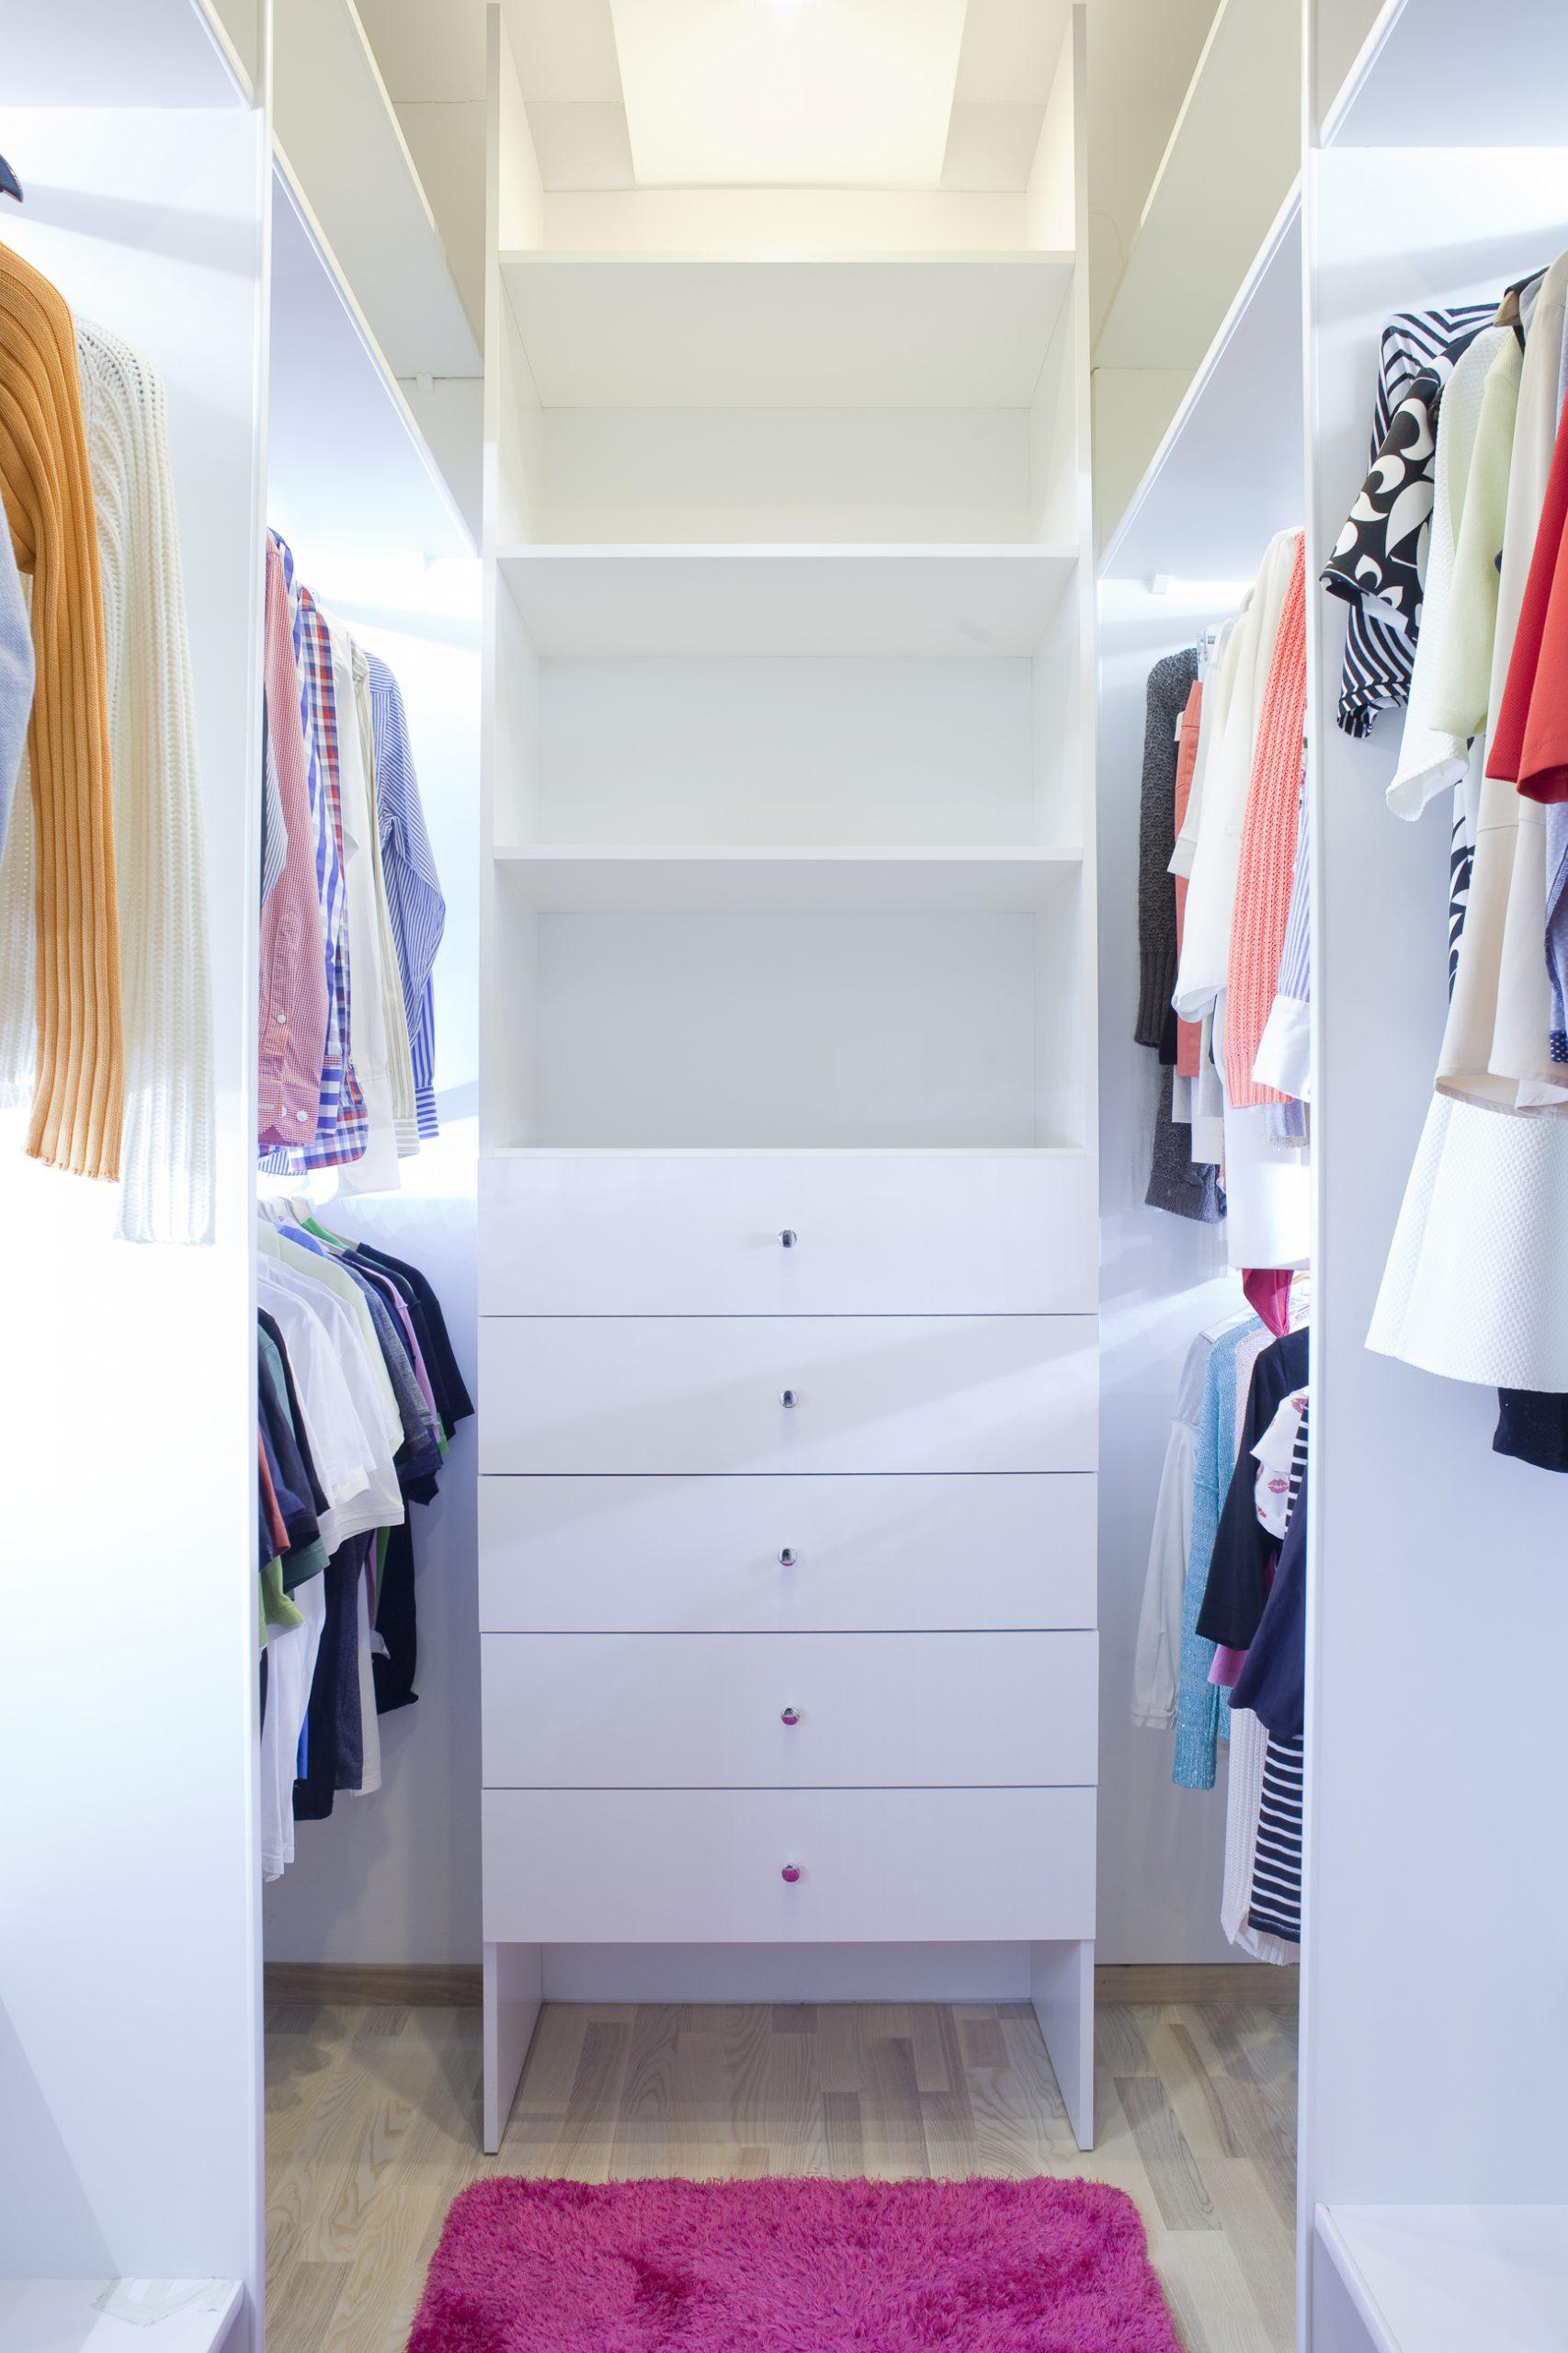 Garderoba dla dwojga po usłudze decluttering przygotowana do funkcjonalnego przechowywania ubrań w szafie w mieście Warszawa w dzielnicy Wola. Porządki wykonane przez Domowe Metamorfozy Maria Ernst-Zduniak